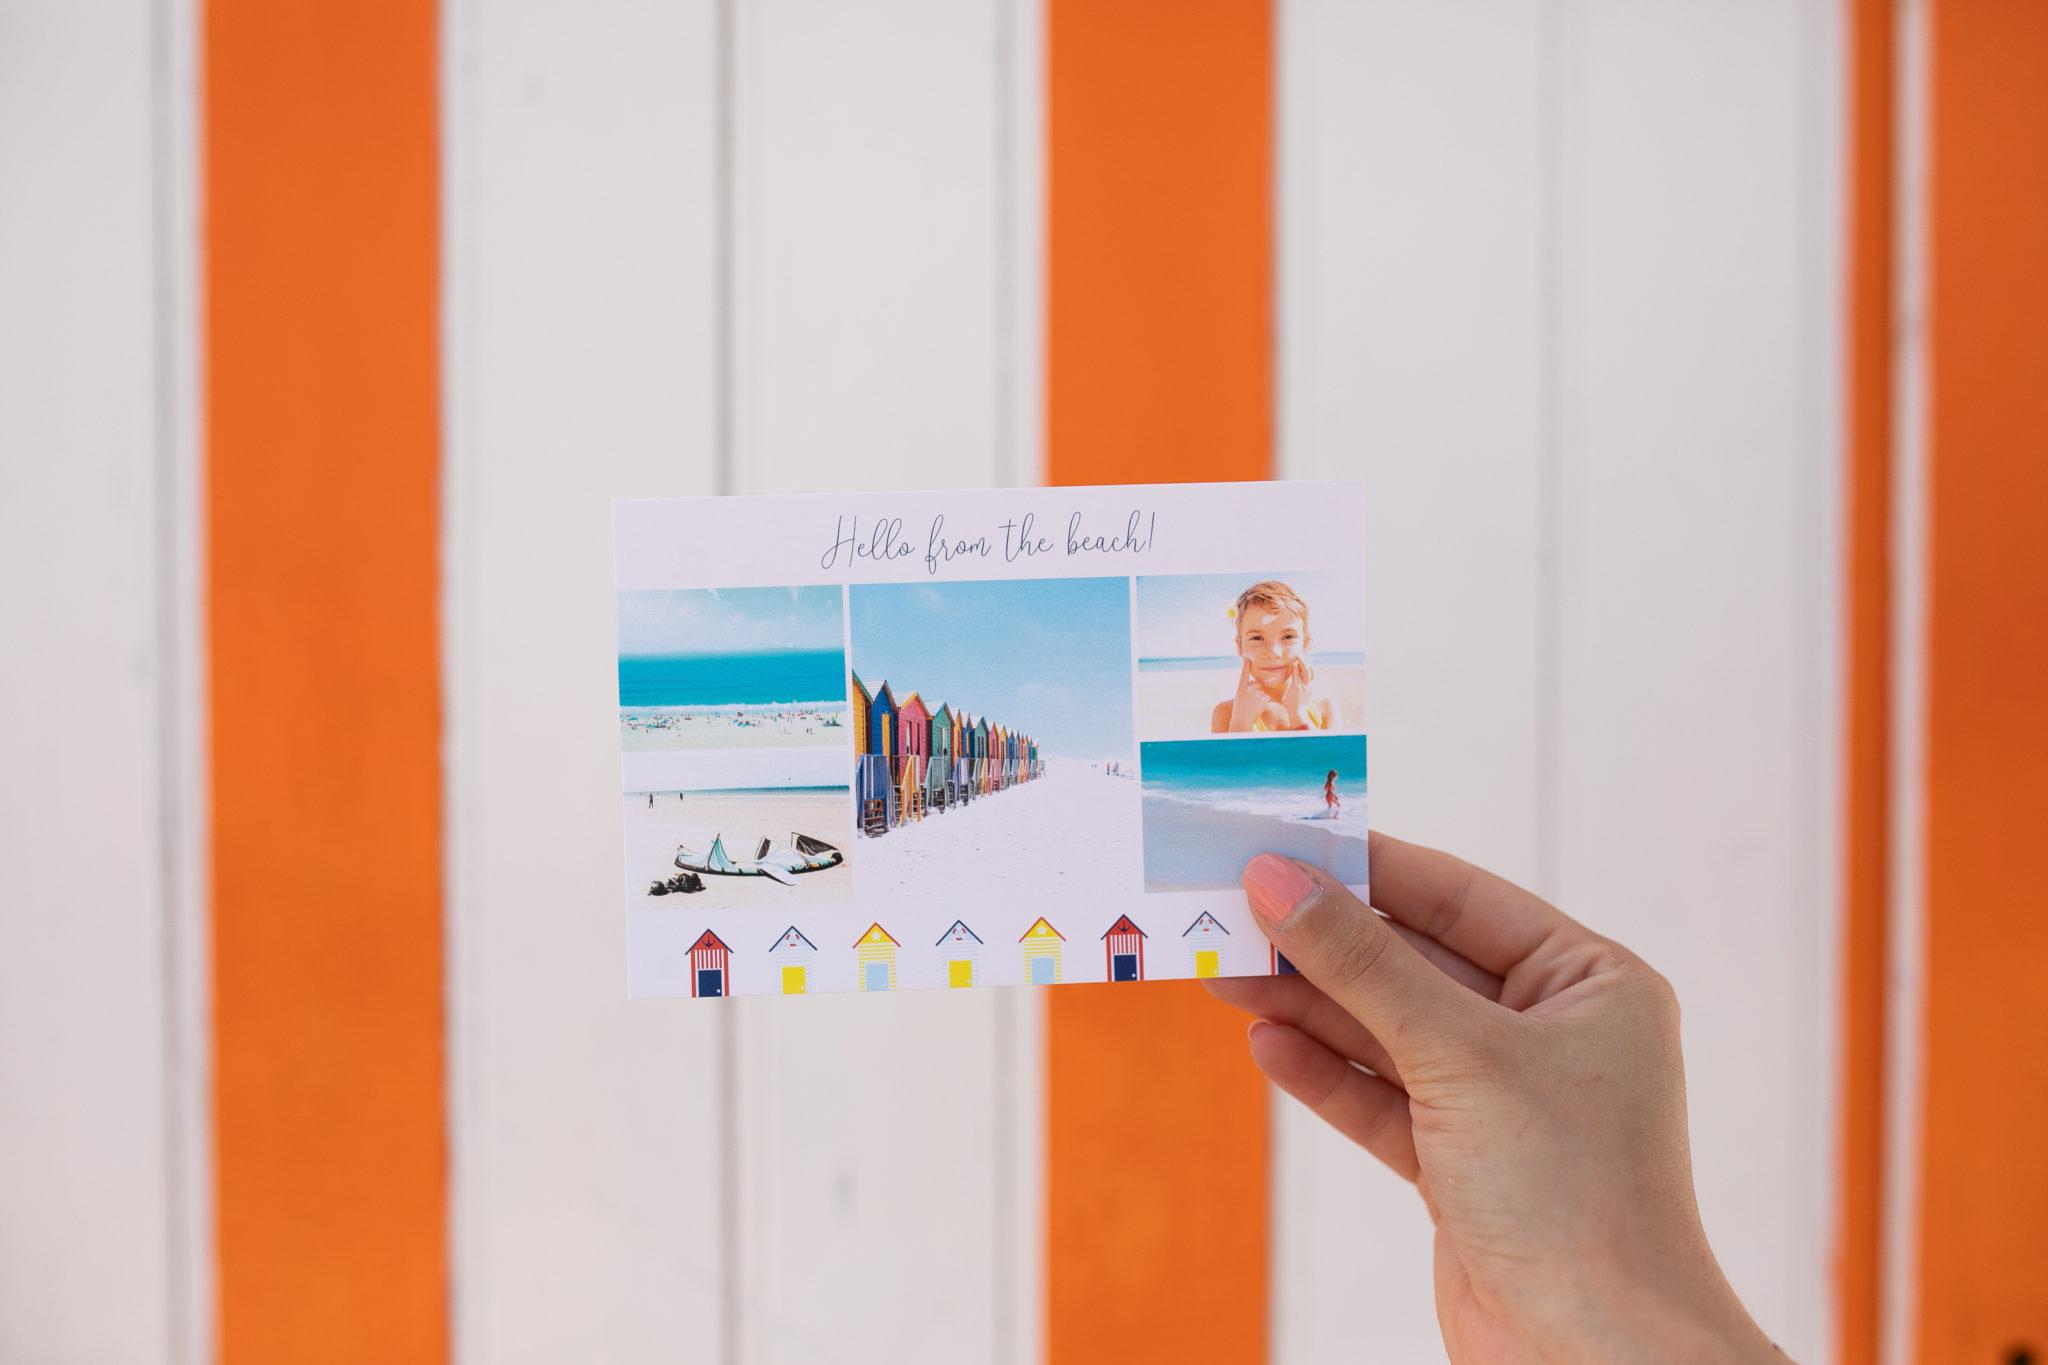 postcard from an app